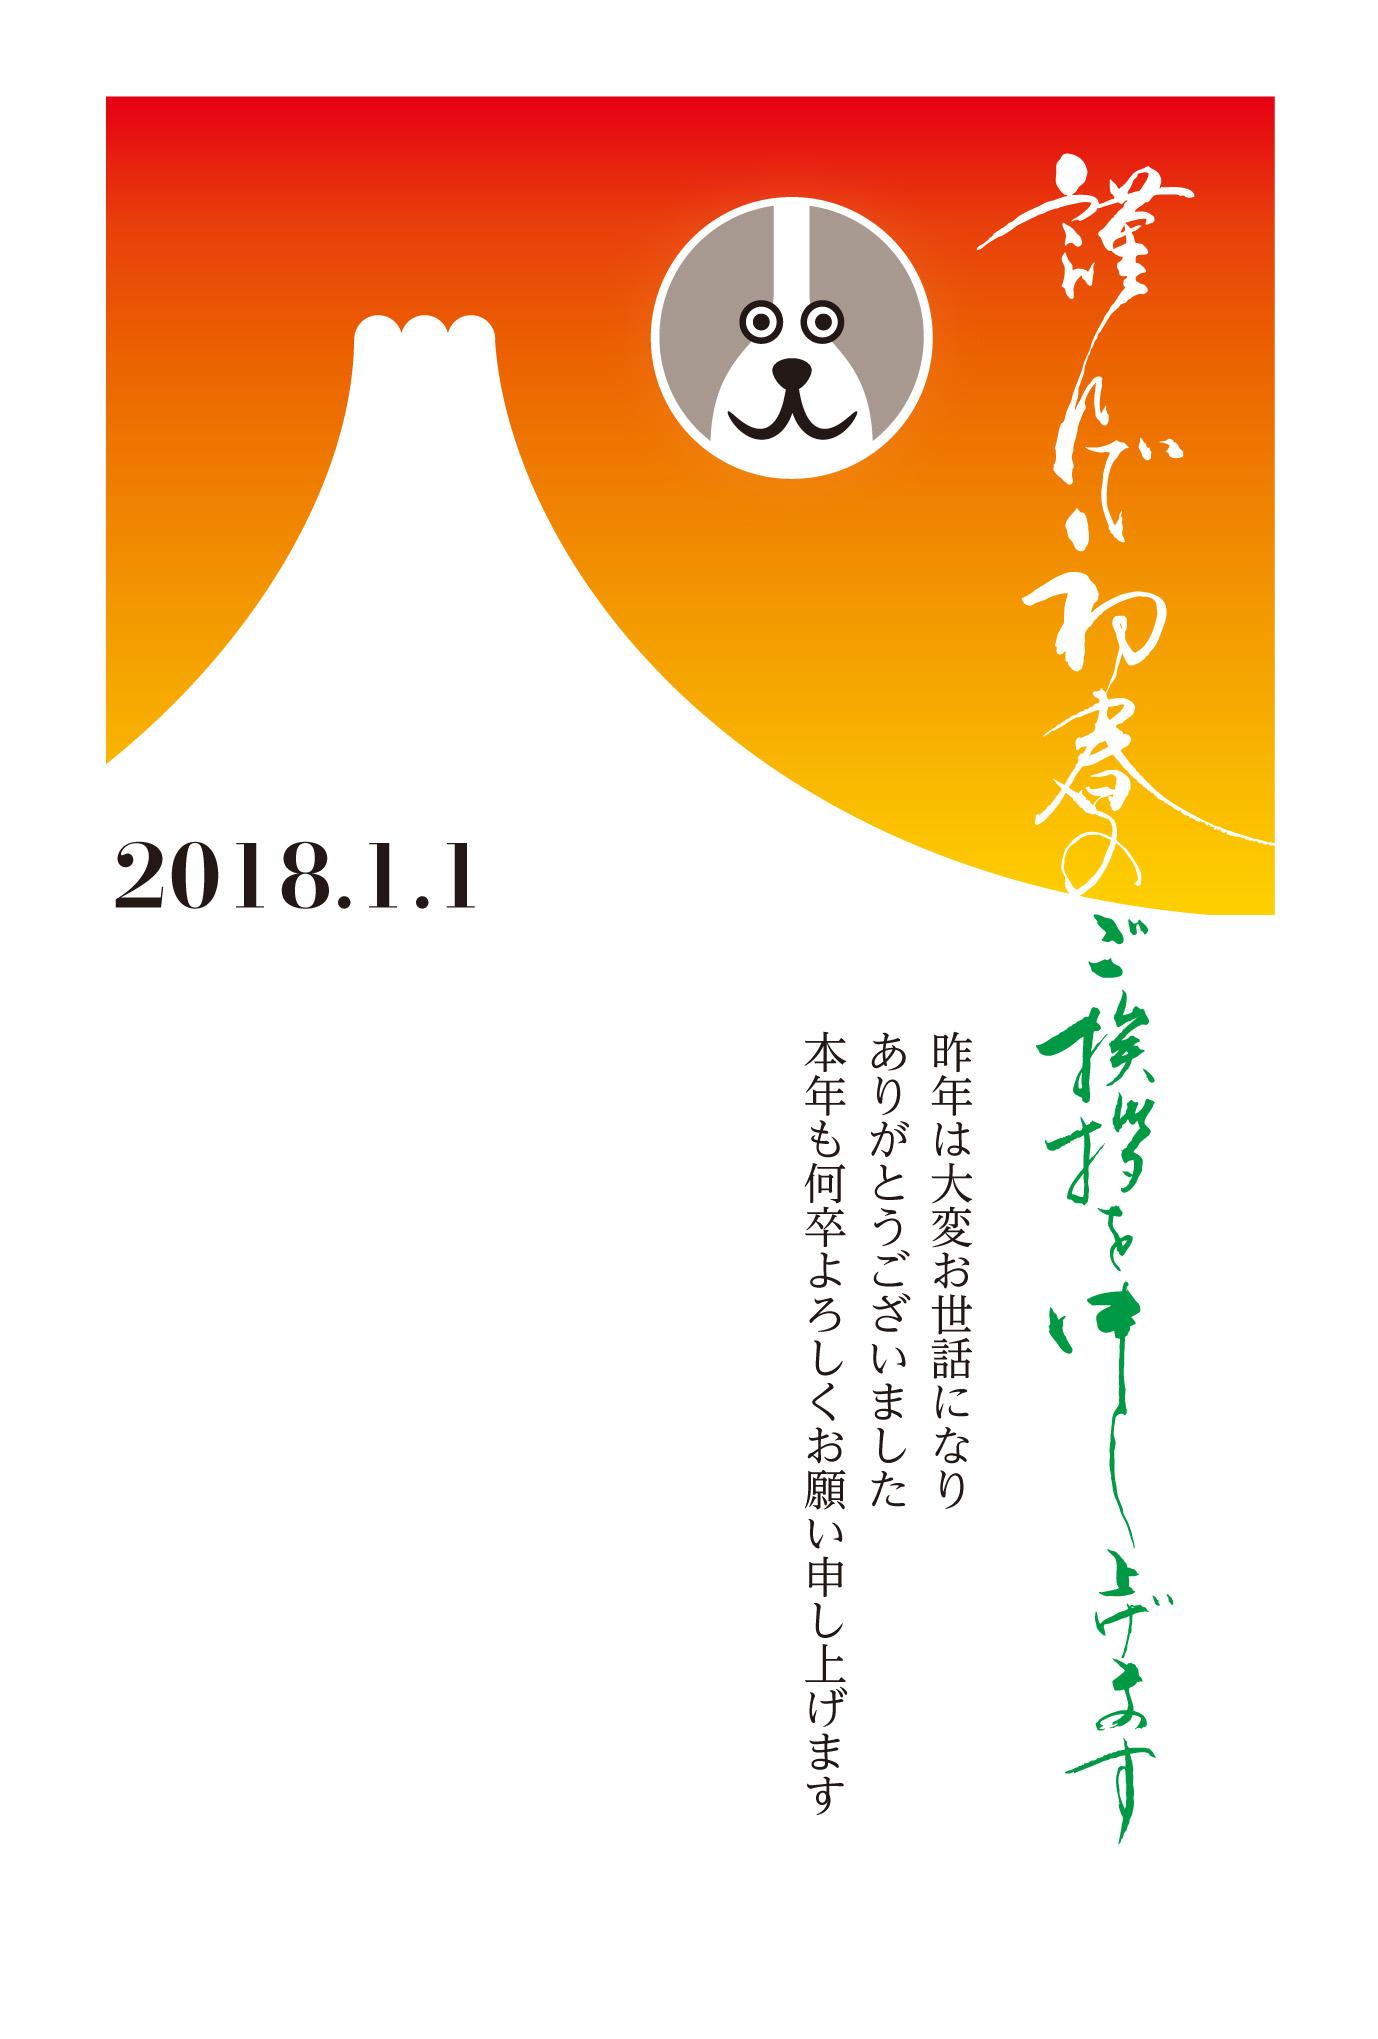 戌の新年のご挨拶|年賀状デザイン|2018年無料イラストa02